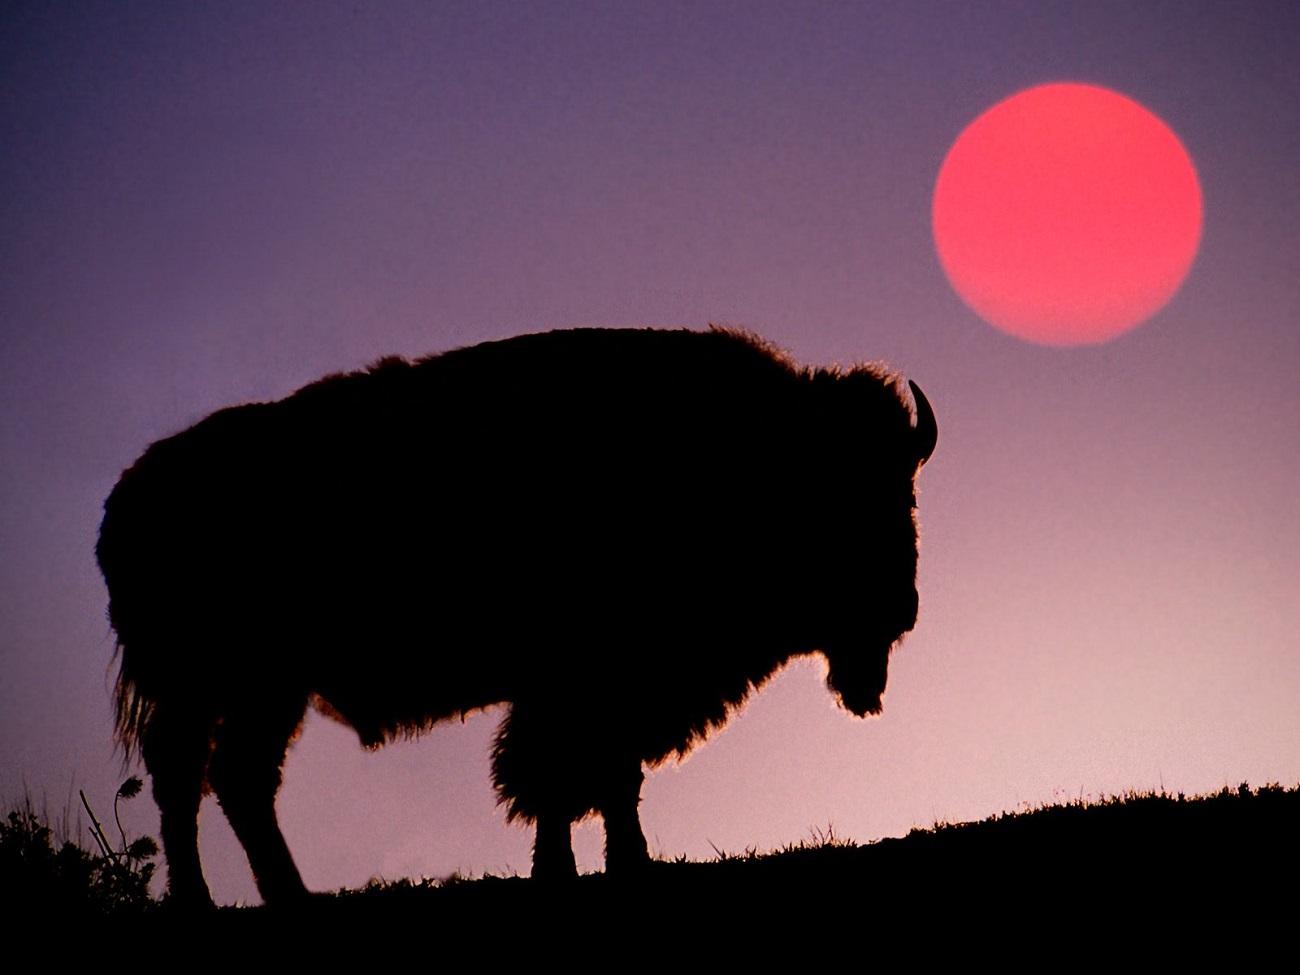 Silueta unui bizon la apusul soarelui, Parcul Naţional Yellowstone